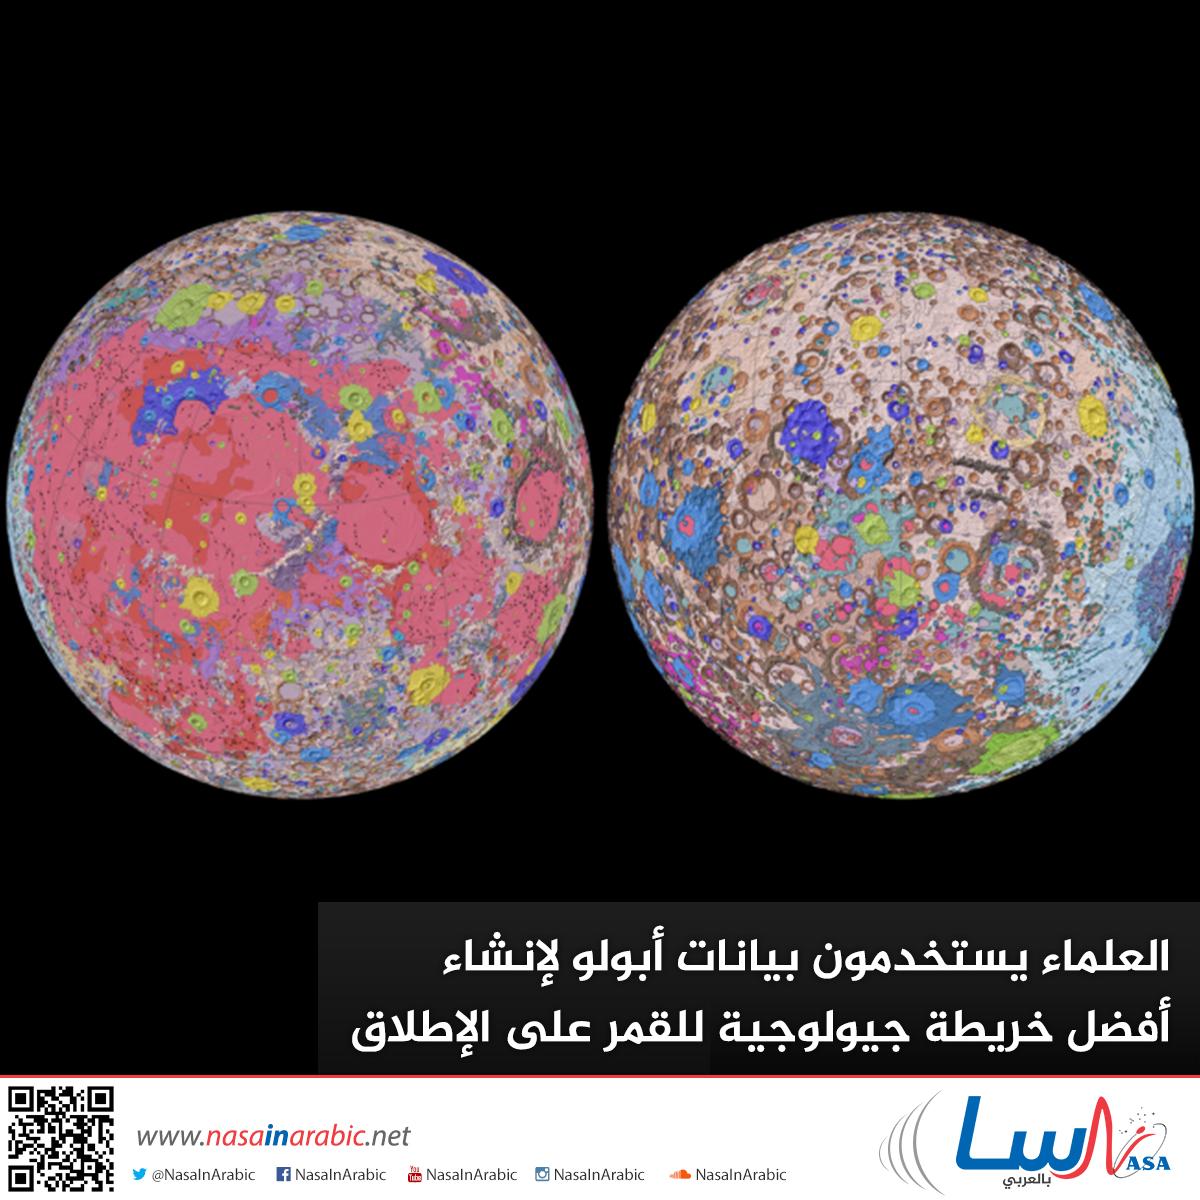 العلماء يستخدمون بيانات أبولو لإنشاء أفضل خريطة جيولوجية للقمر على الإطلاق